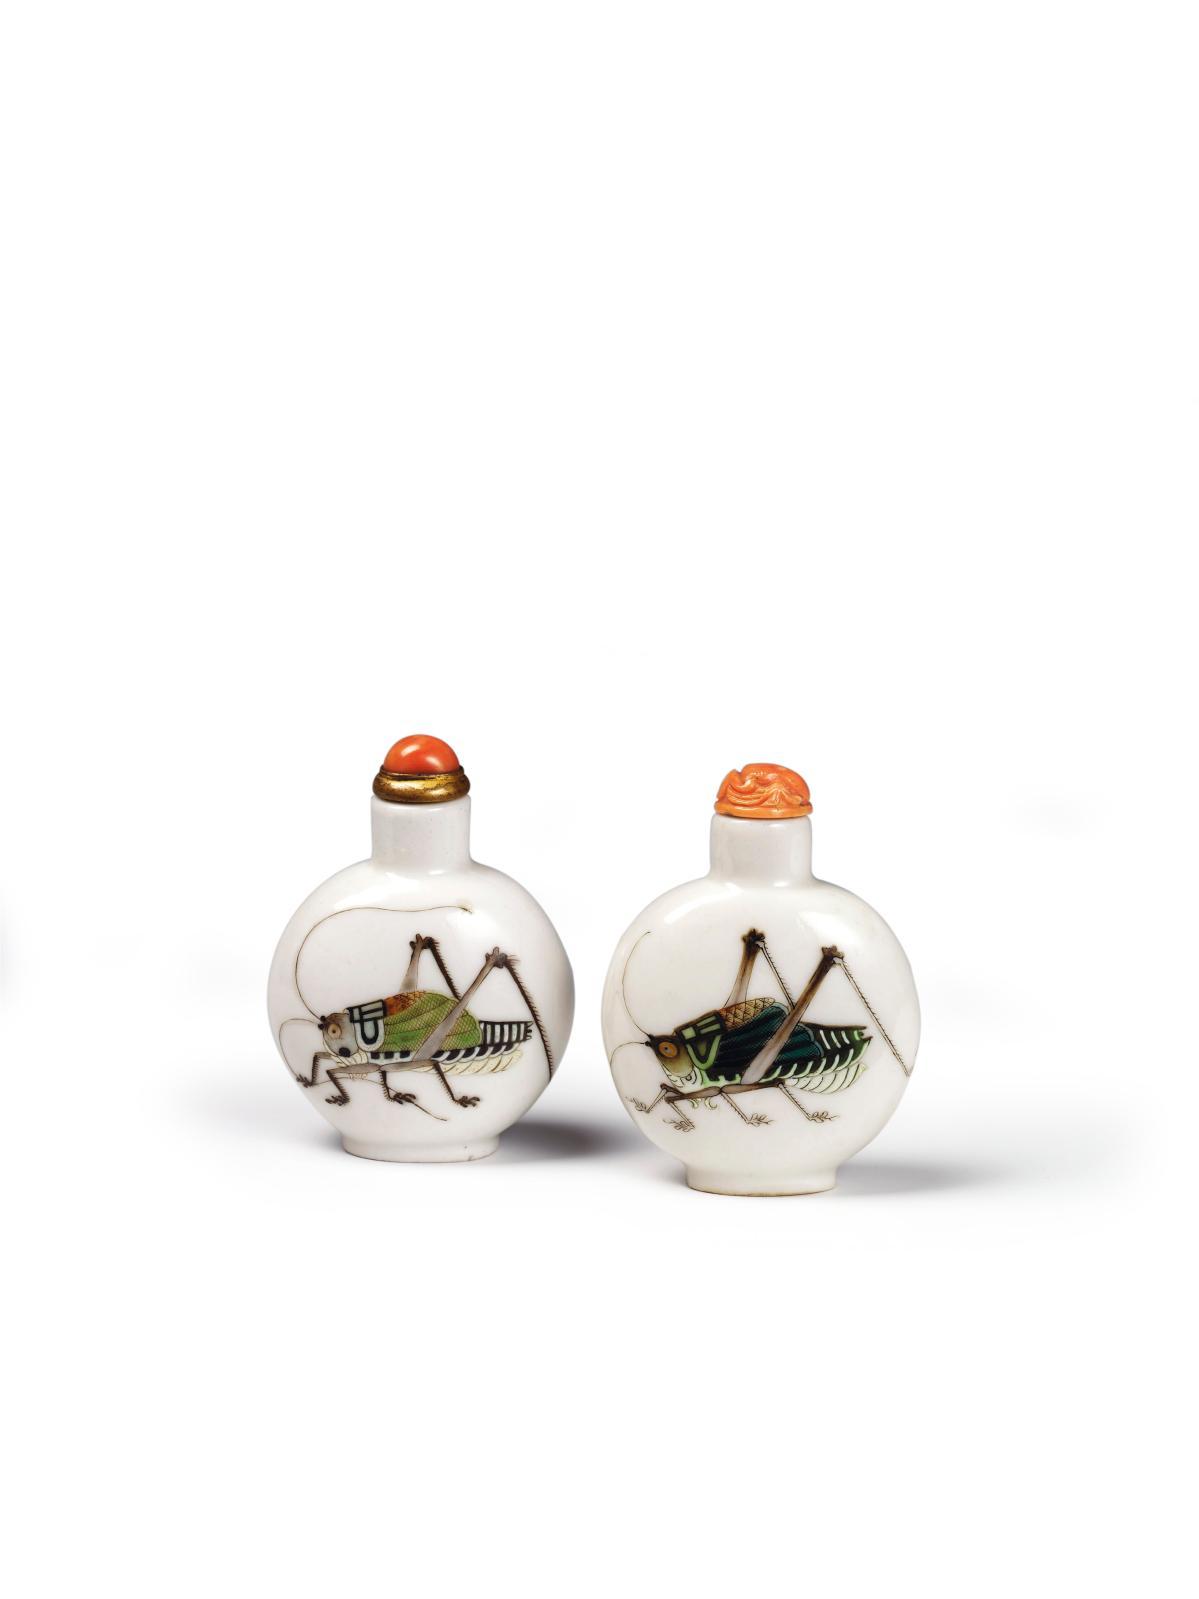 Flacons à tabac, porcelaine peinte aux émaux, dynastieQing, marque Qianlong, vers1840-1880, Fondation Baur, Genève.